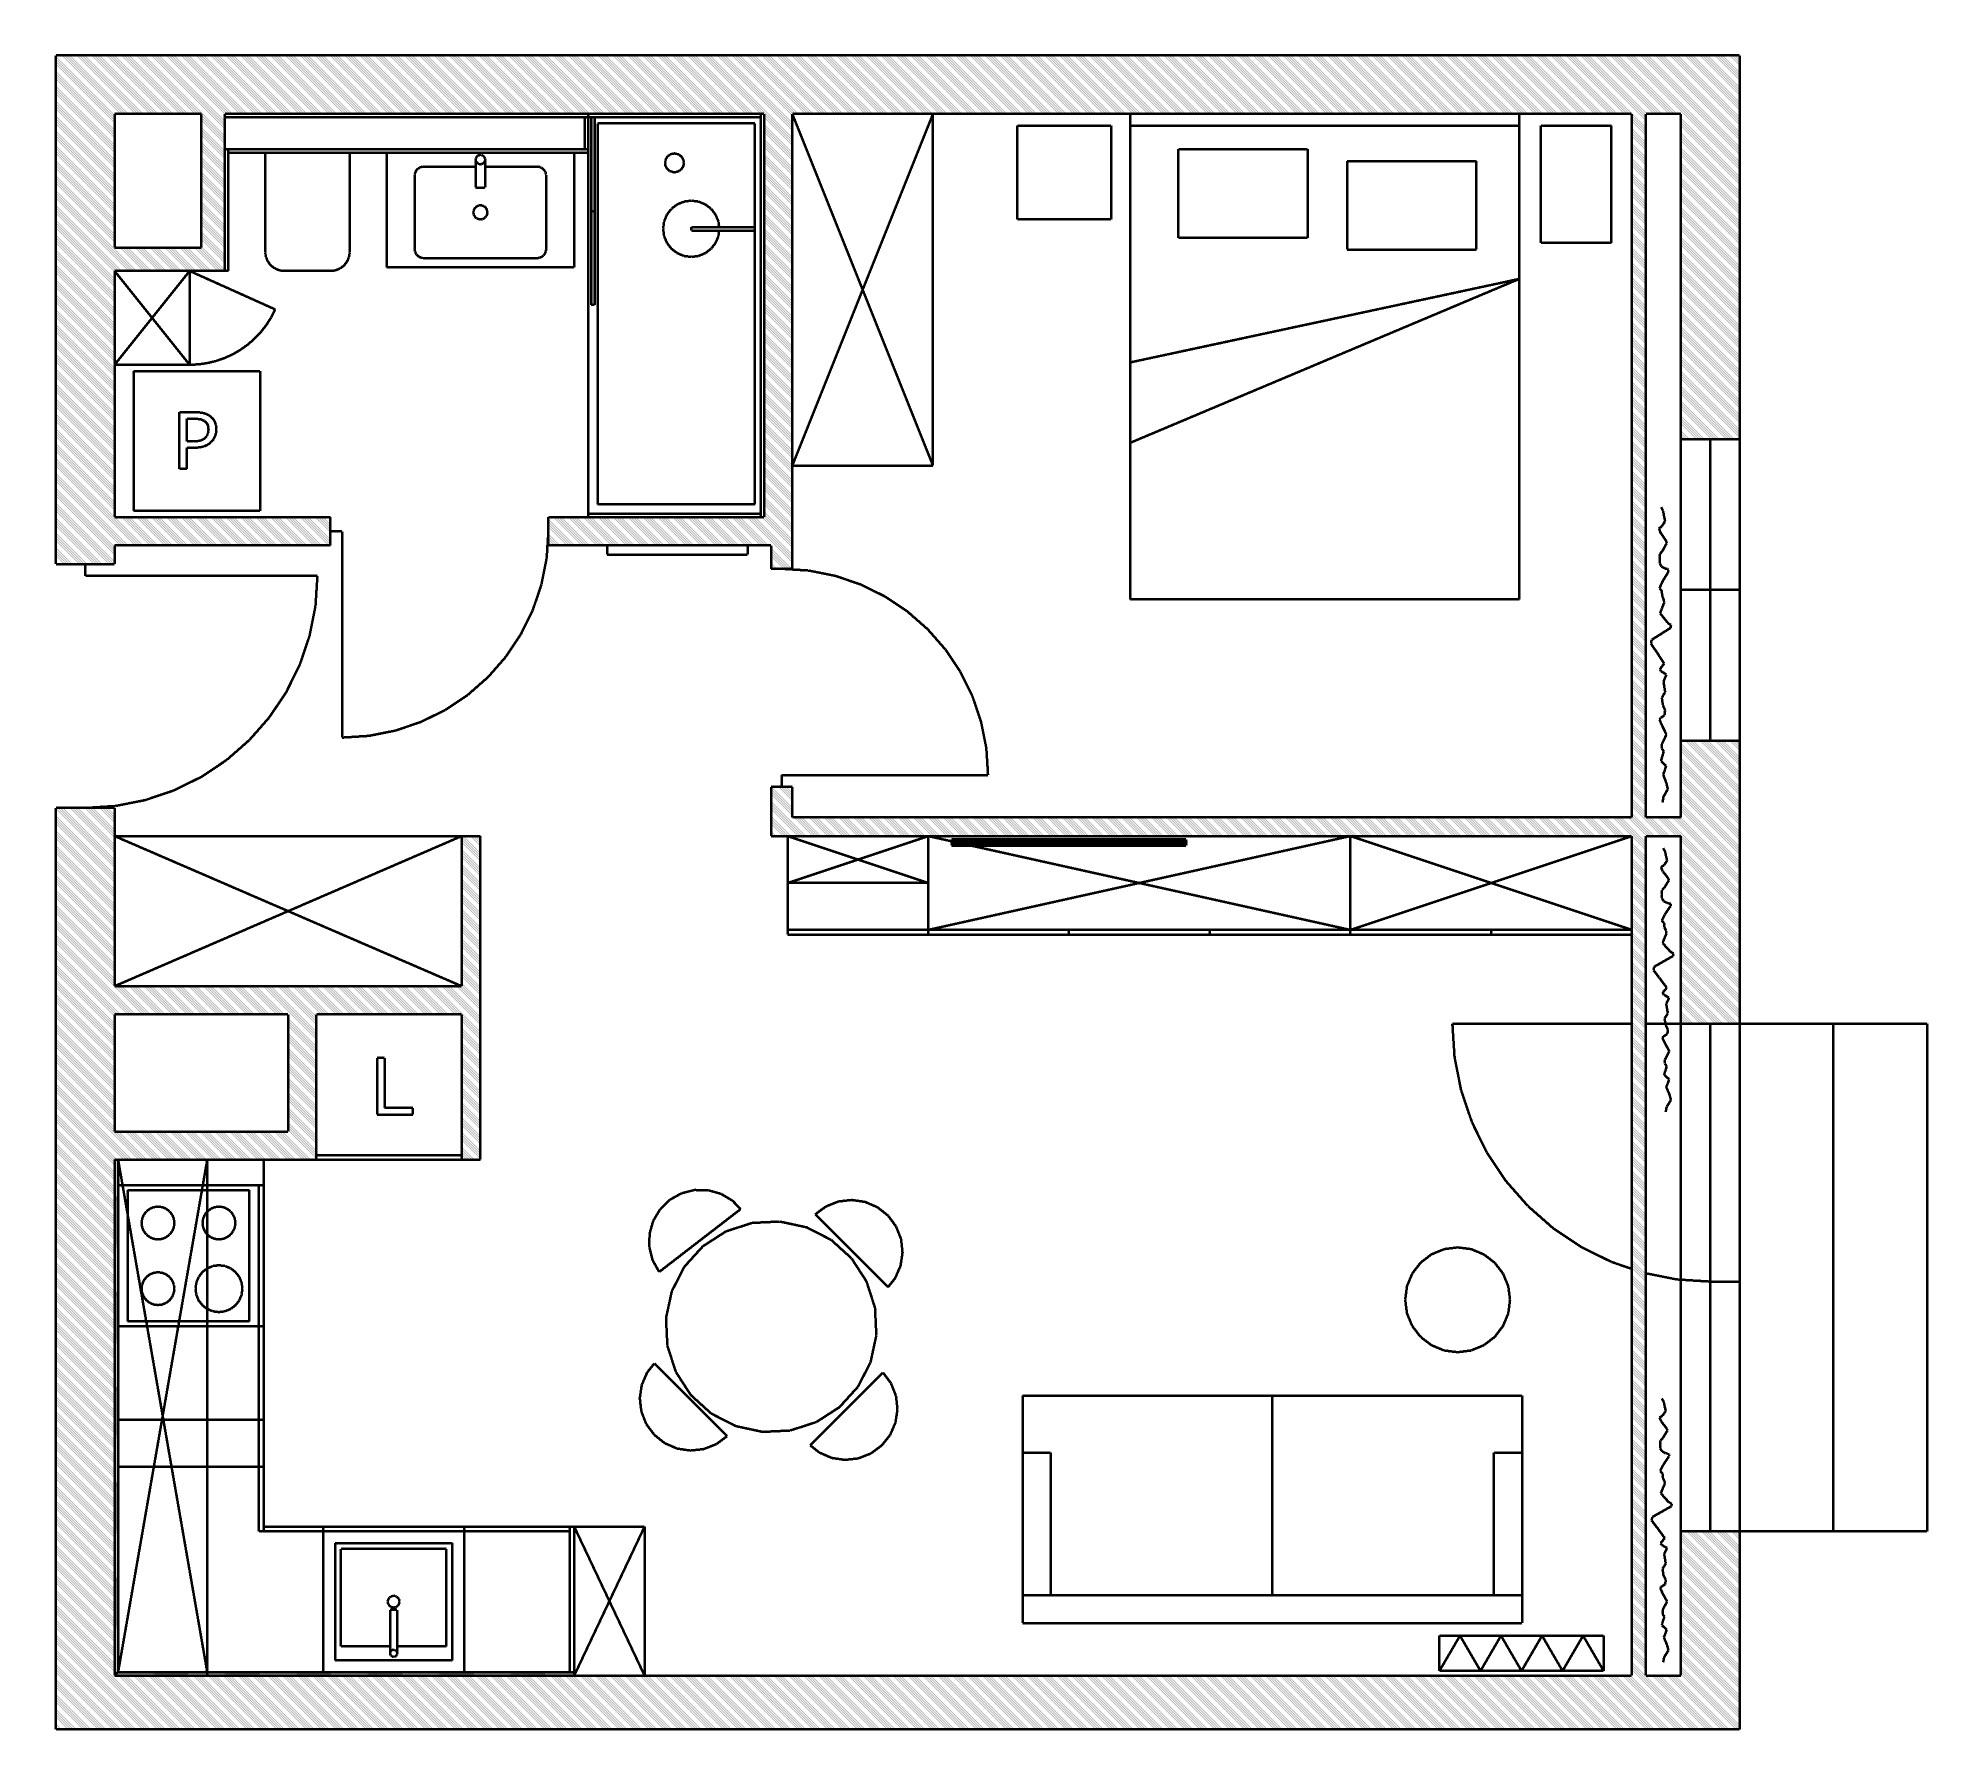 Mieszkanie dla młodej pary. Skog Interior design Łódź Poland. Projektowanie wnętrz.